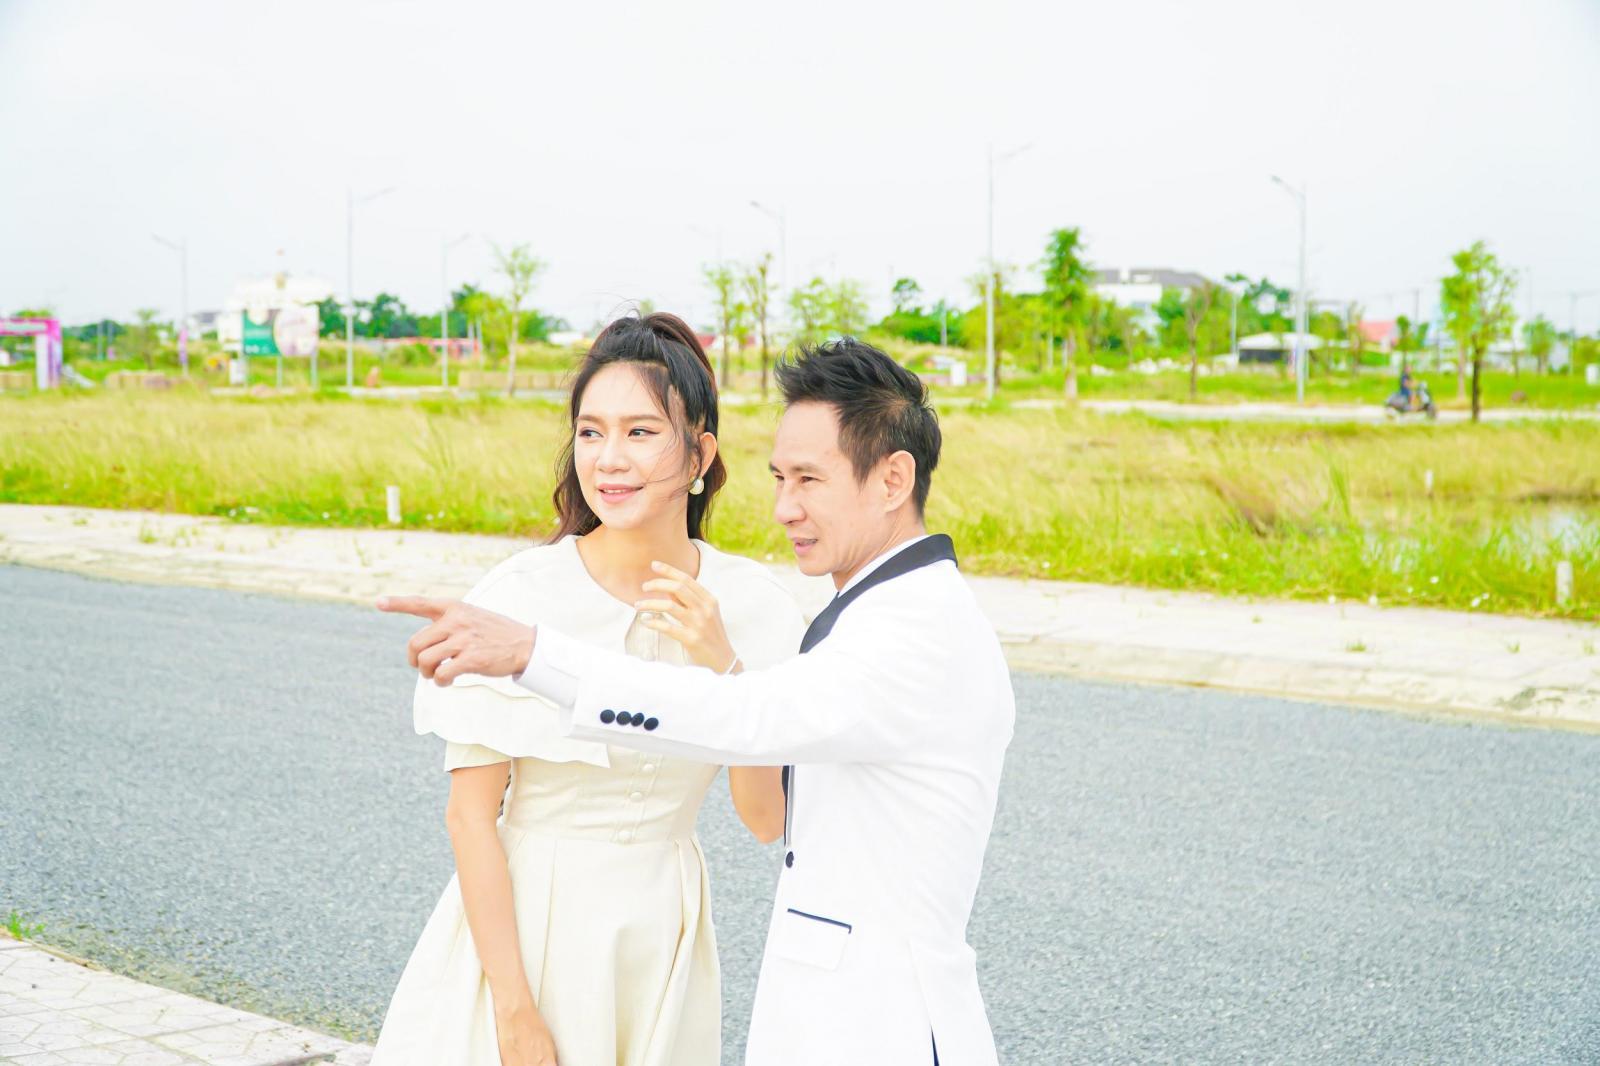 20210126141143 8c07 Tin thị trường BĐS mới: Lý Hải - Minh Hà tìm hiểu đất nền khu đô thị Happy Home ở Cà Mau